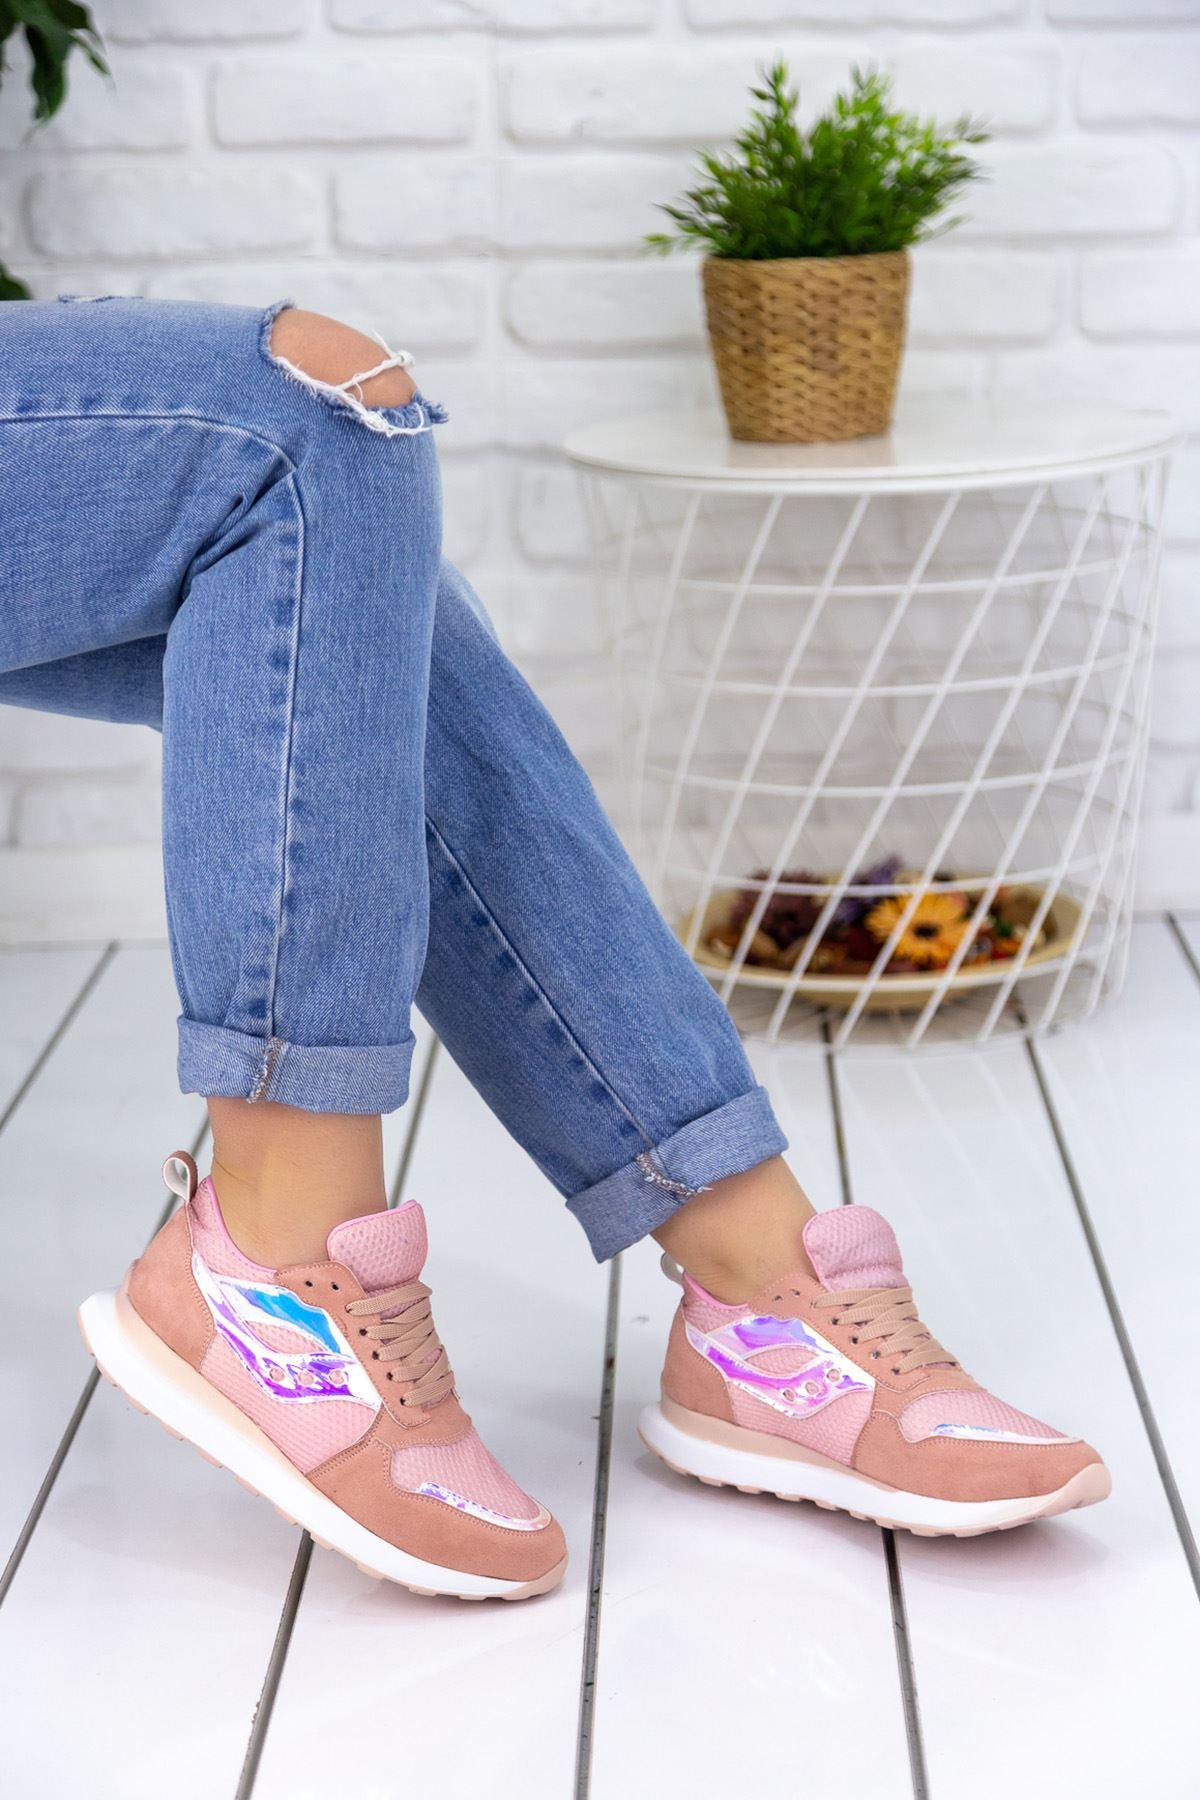 Andiyo Pudra Hologram Detaylı Ortapedik Bayan Spor Ayakkabı